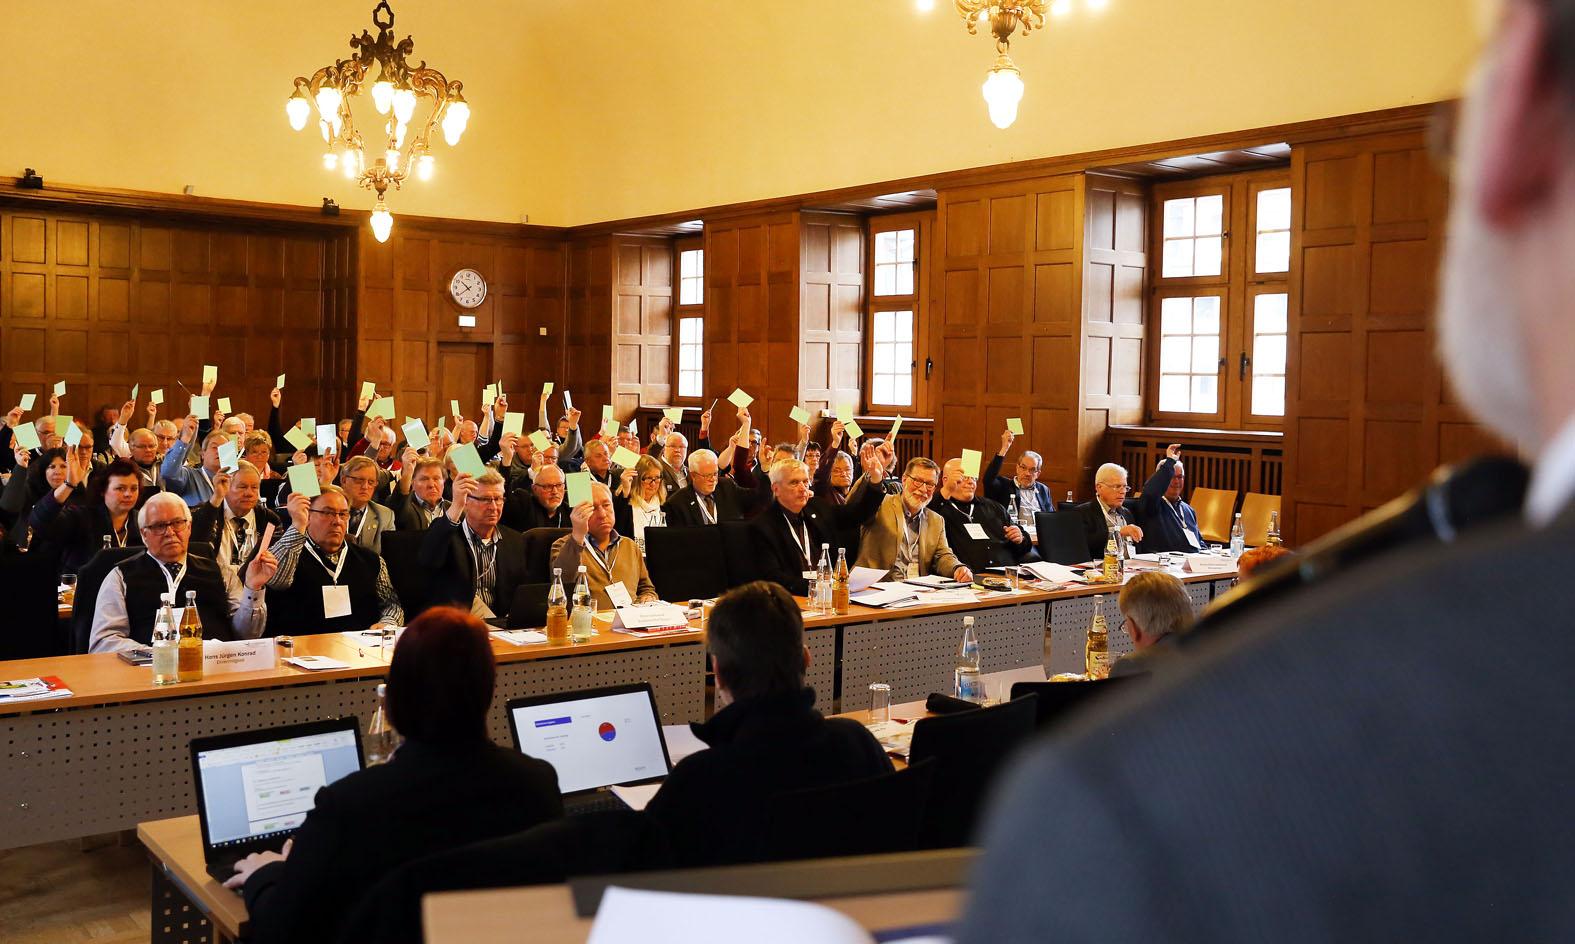 Einstimmiges Votum für die Wiederwahl von Präsident Karl Wolff - Foto: V. Bewersdorff